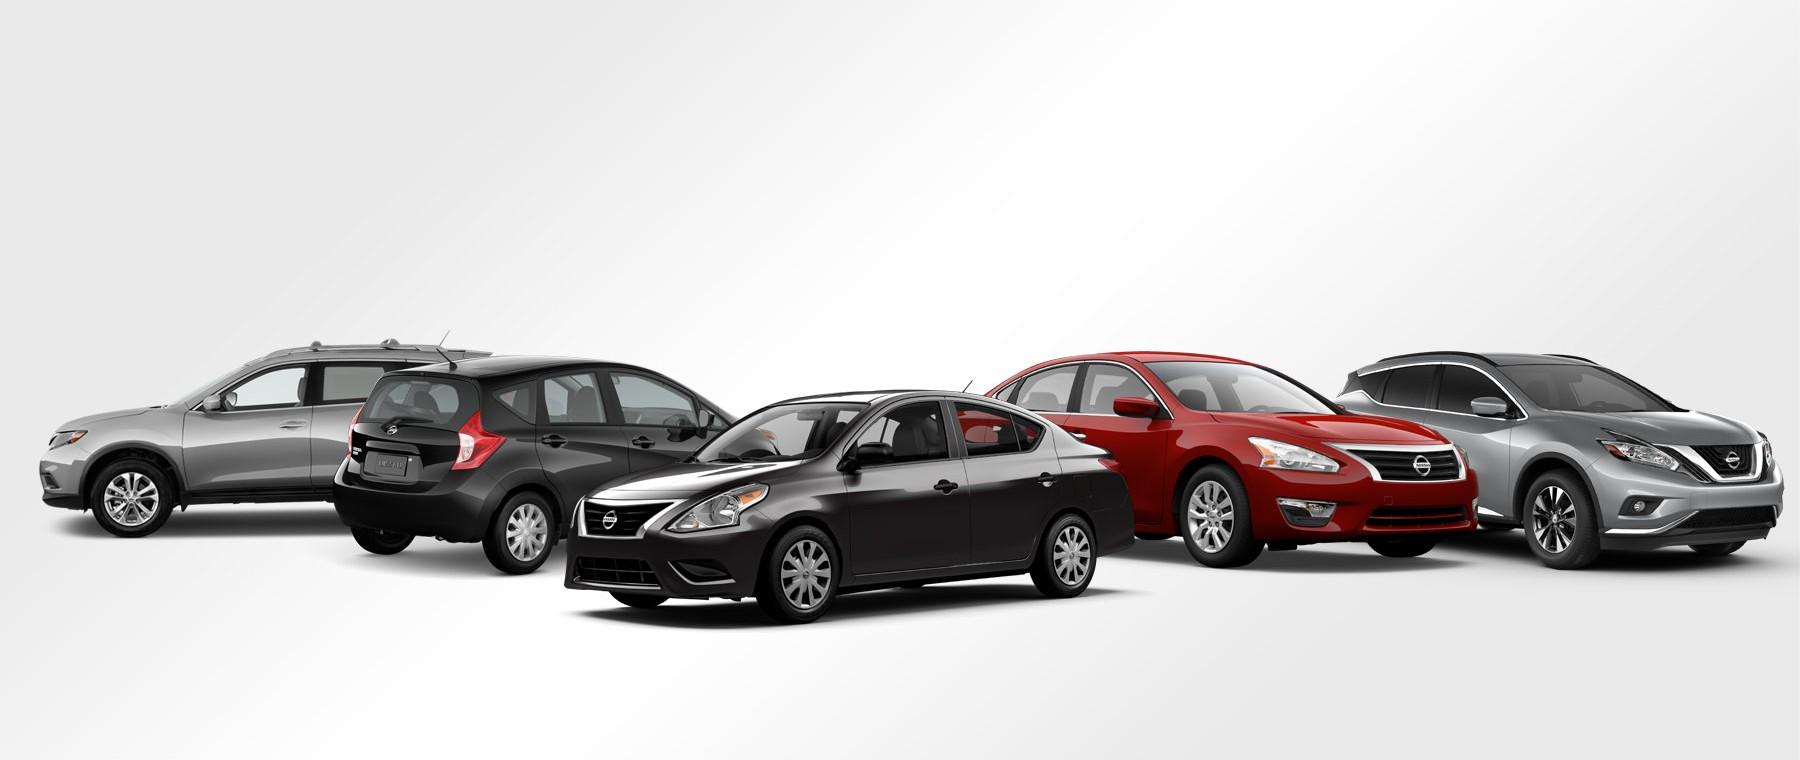 2015 Nissan Car Specials